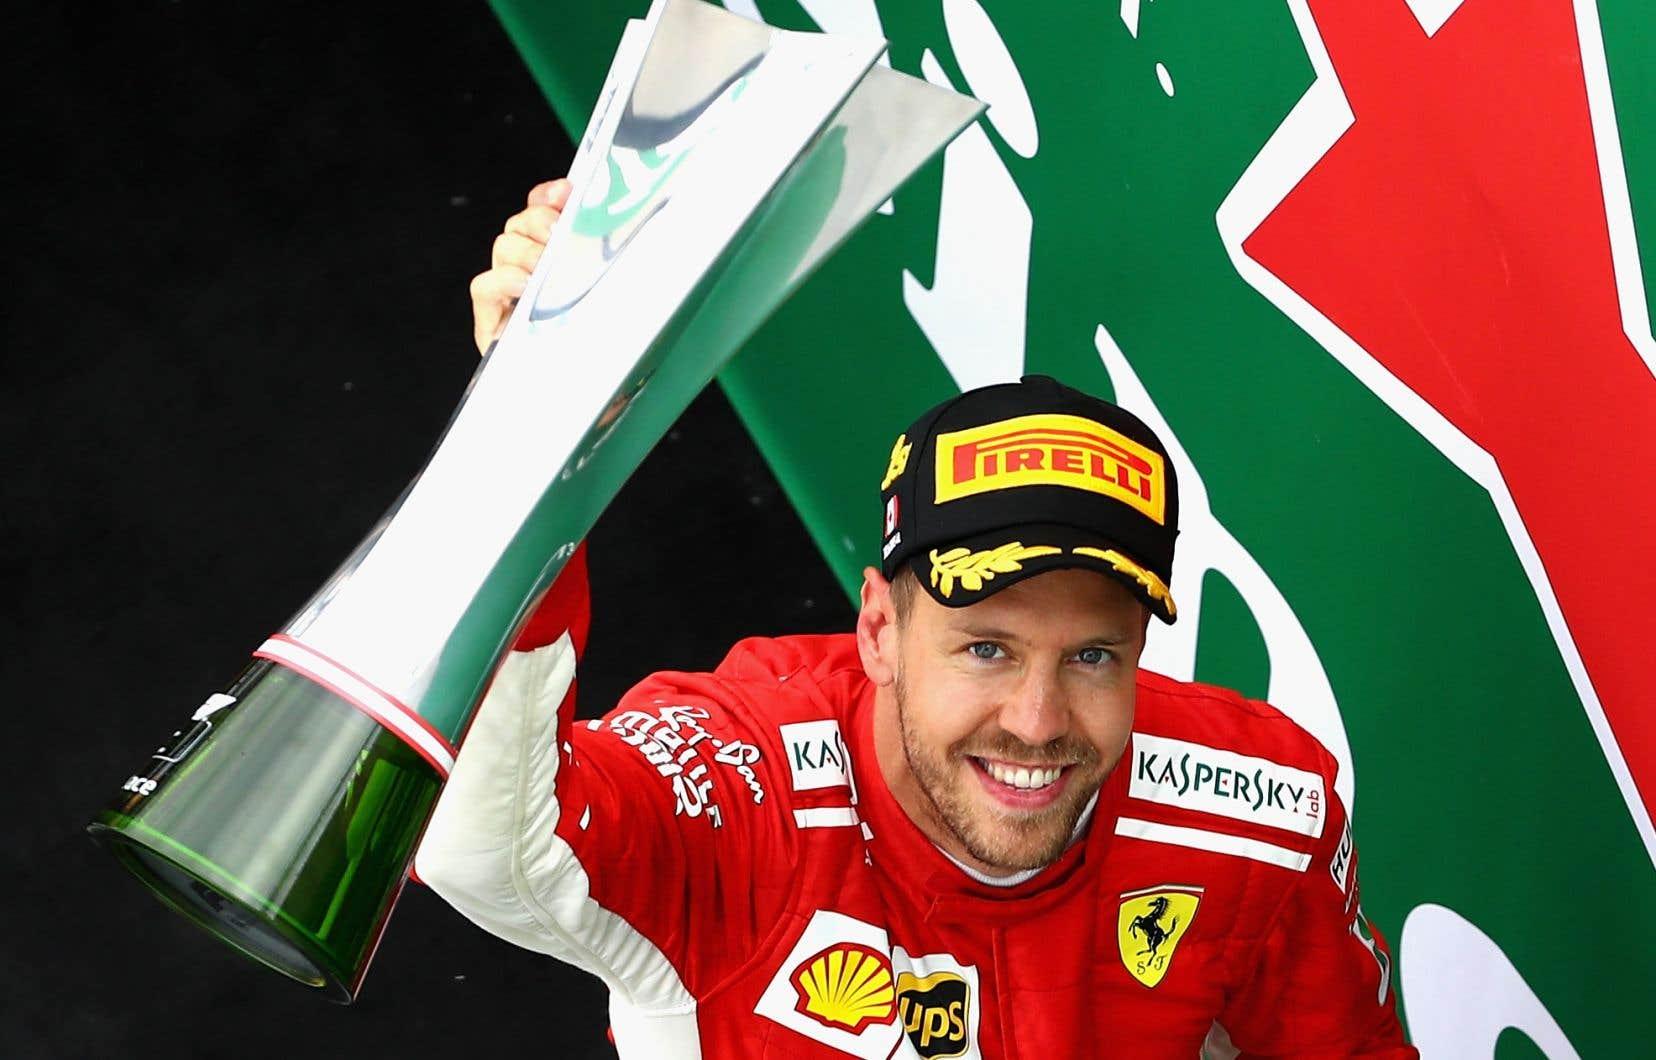 Le pilote allemand Sebastian Vettal a pris la tête du Championnat des pilote de Formule 1.